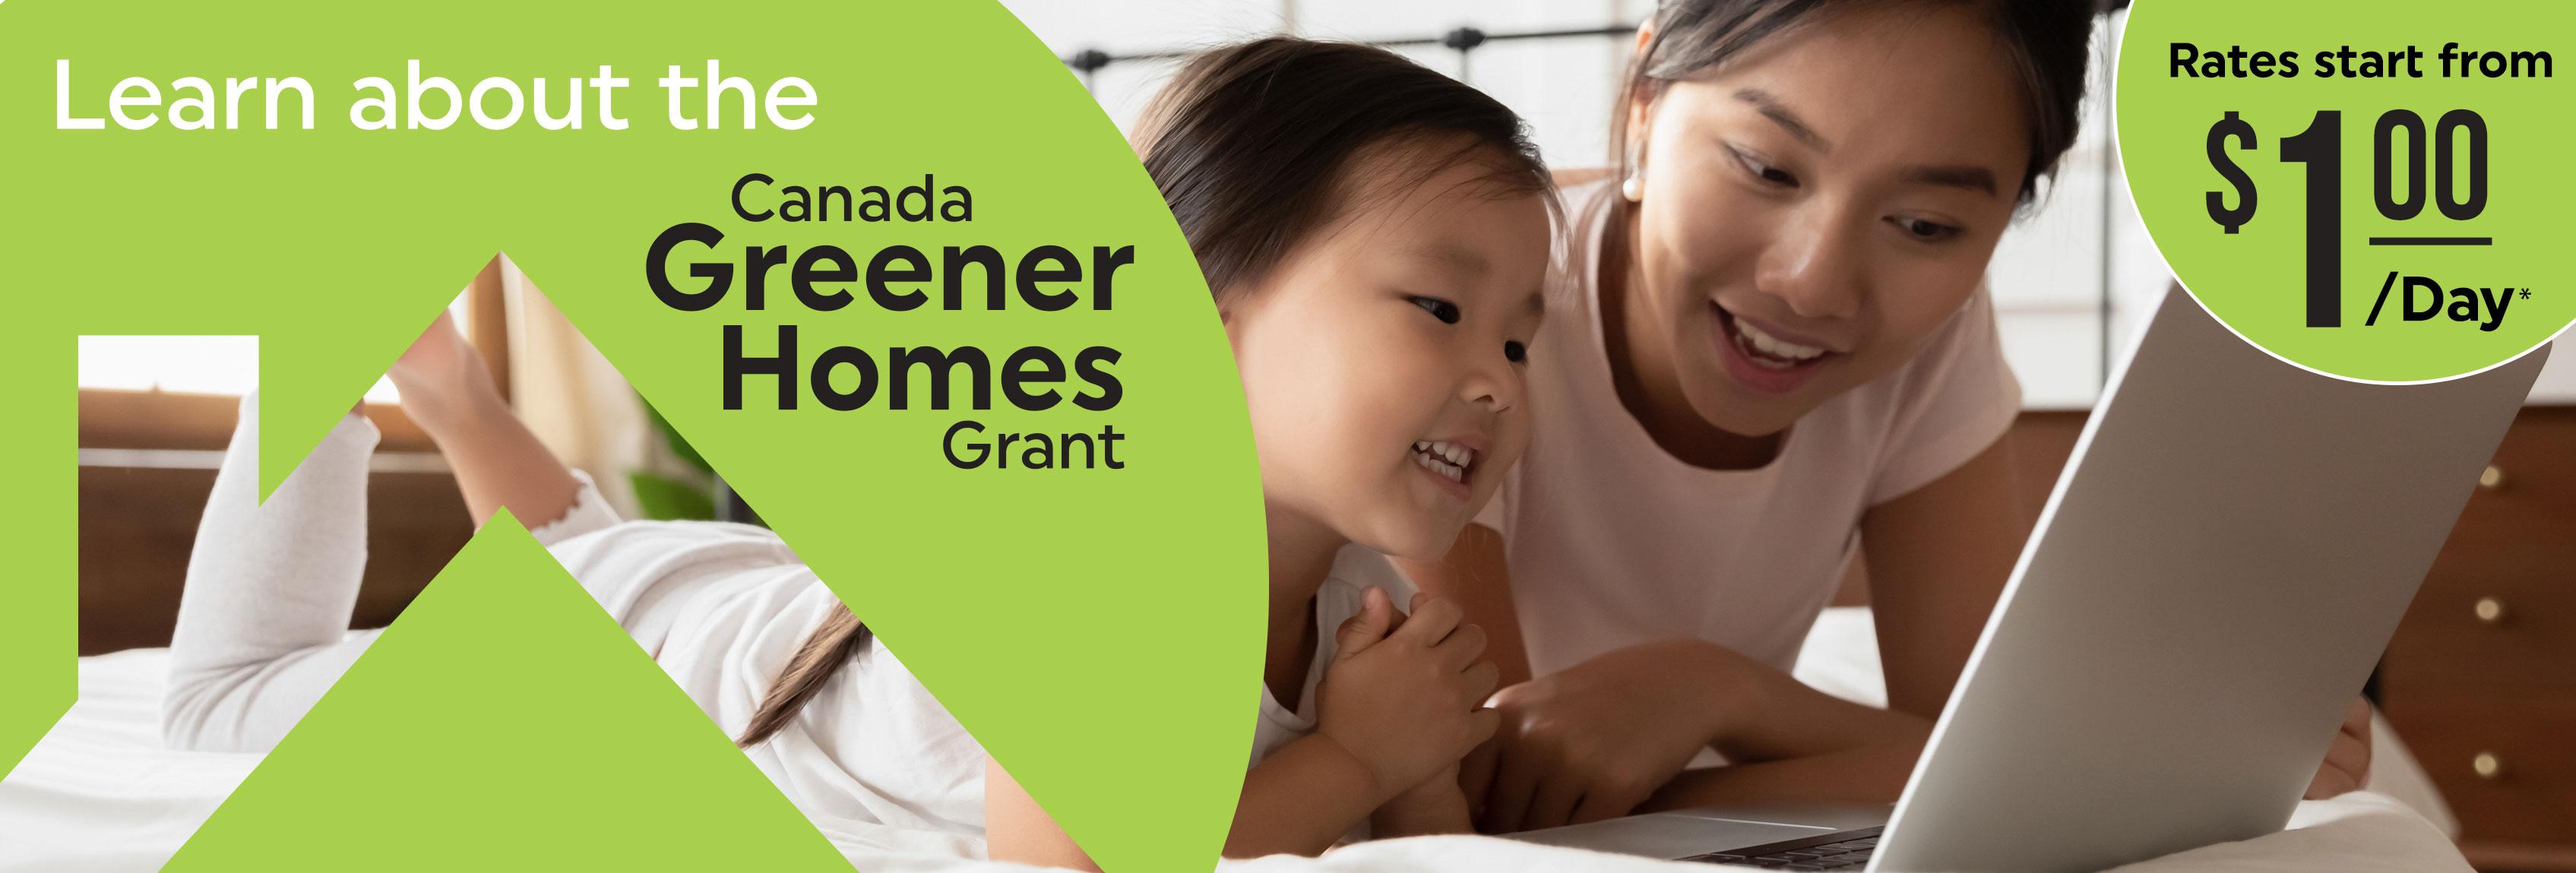 1Click Canada Greener Homes Grant Banner 2